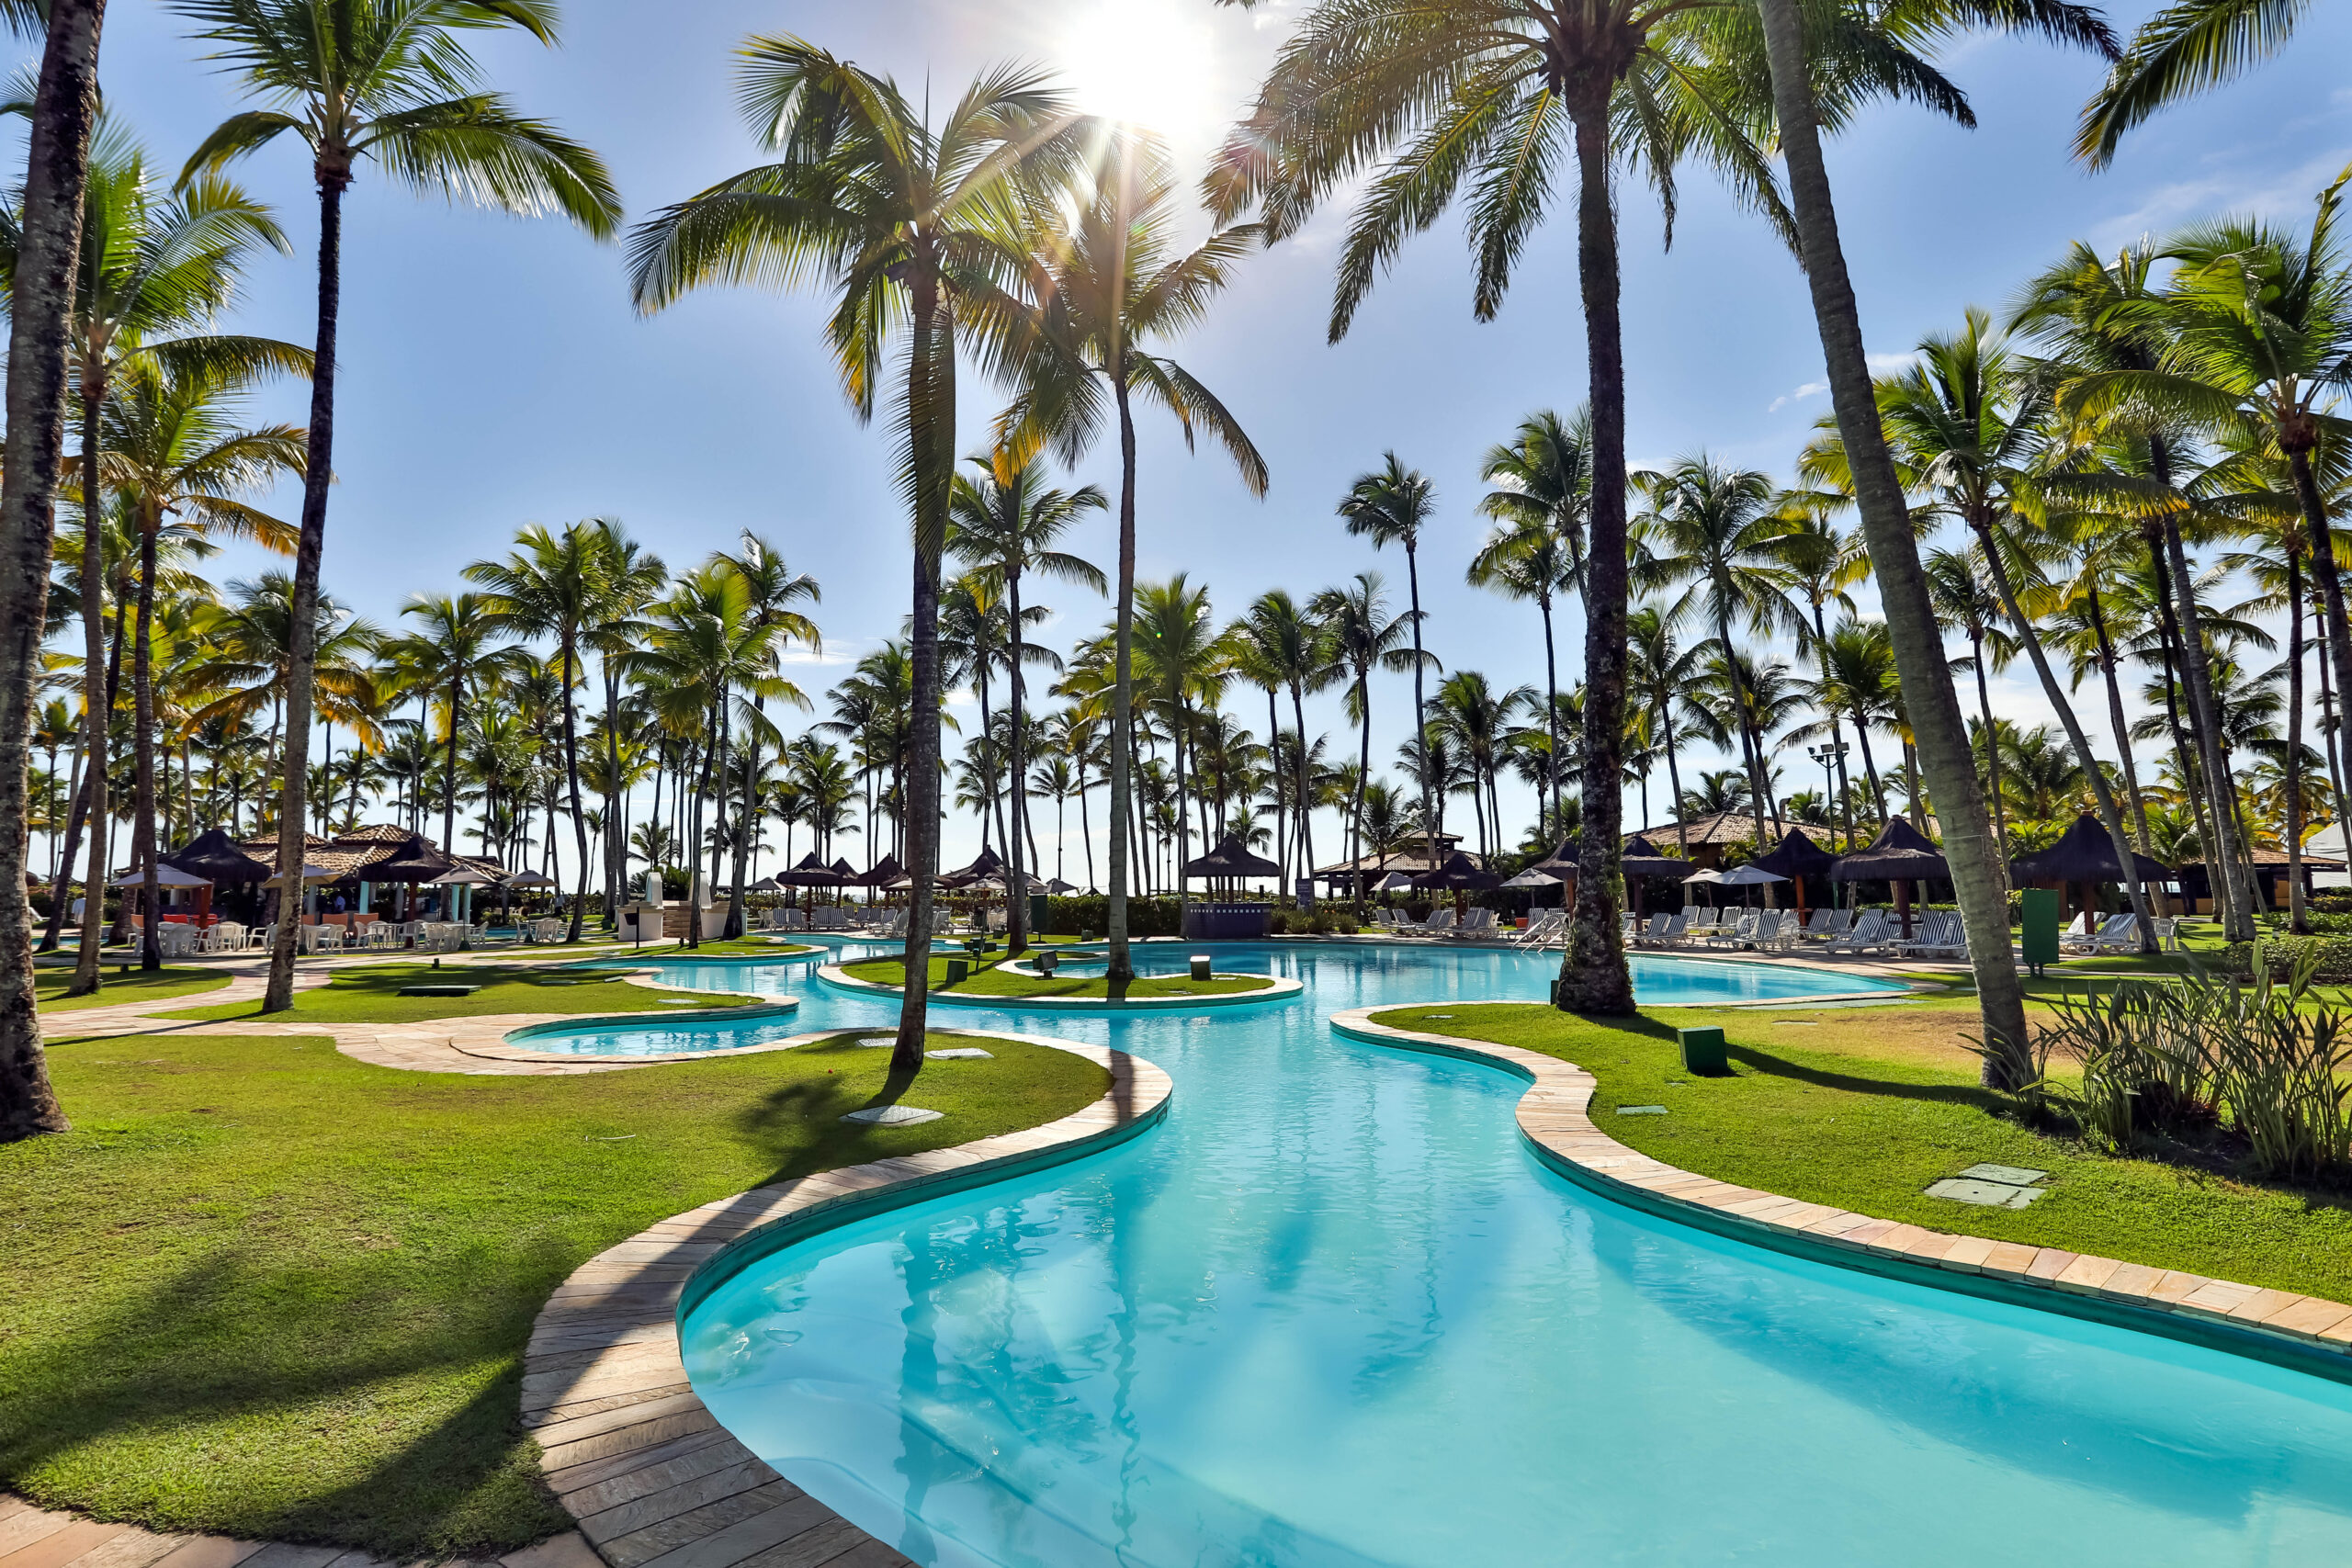 Transamerica Resort Comandatuba, na Bahia, terá dois voos semanais em setembro